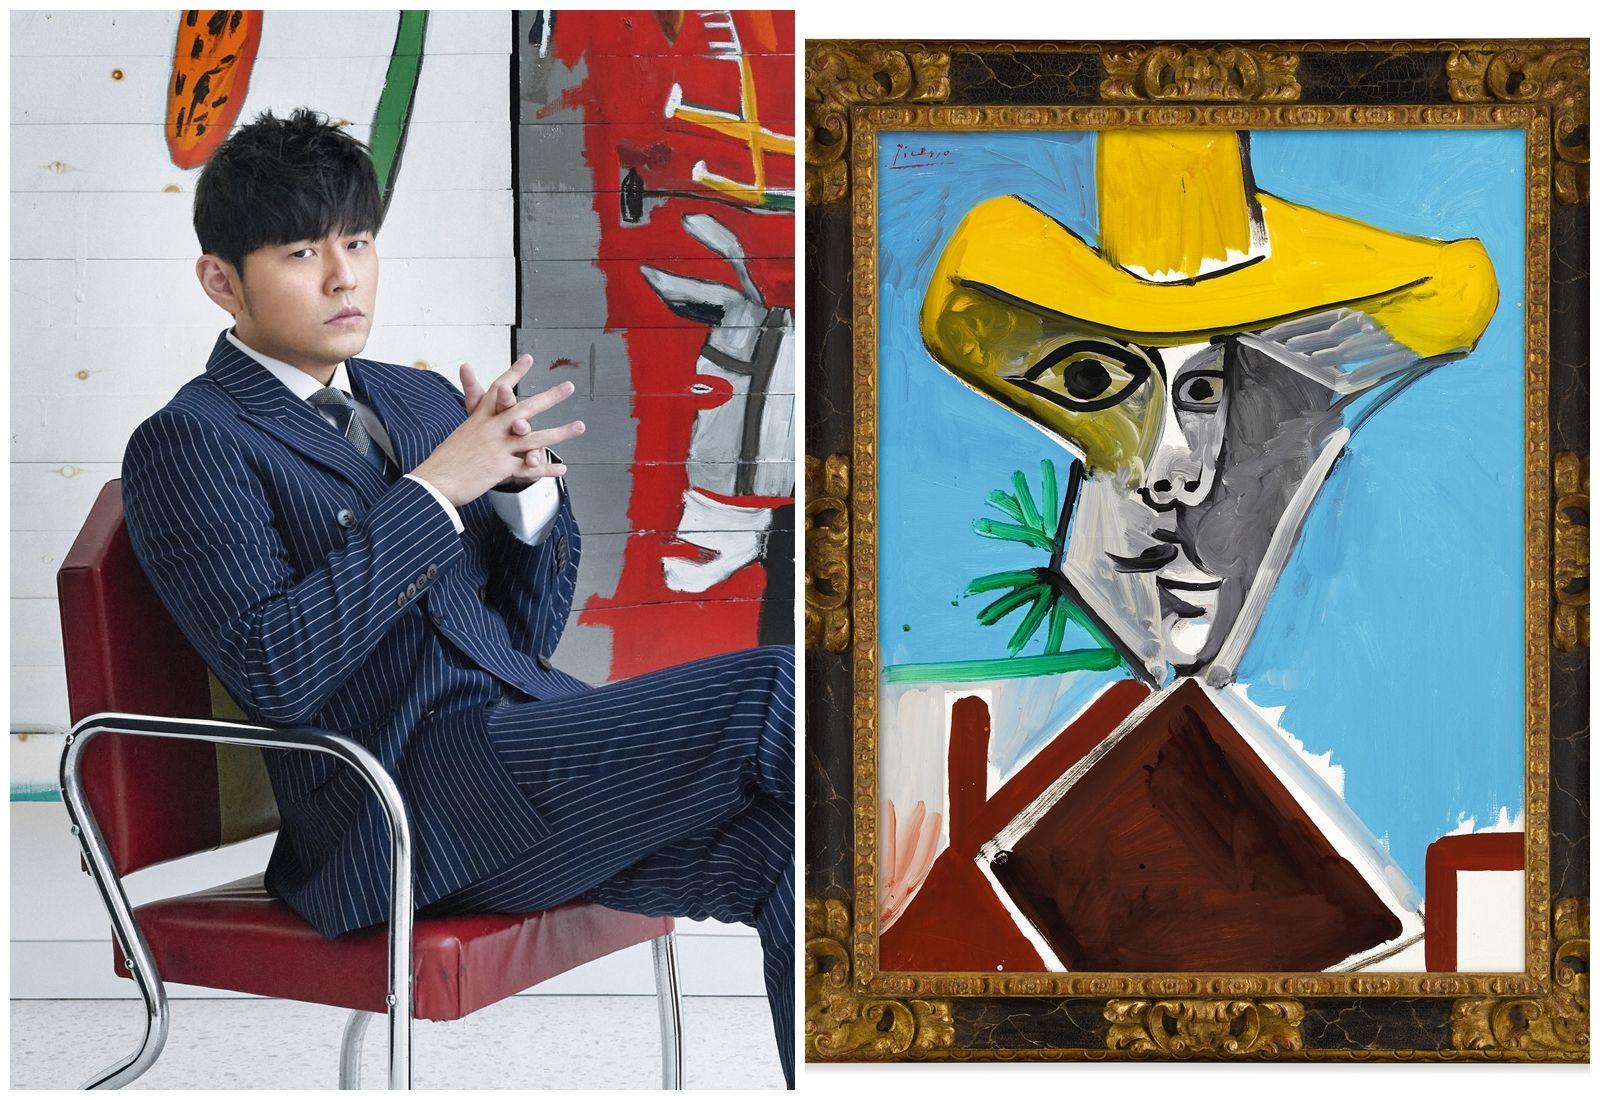 逾30億新台幣全數成交!周杰倫 x 蘇富比 Sotheby's 亞洲首場「Contemporary Curated」藝術拍賣斬獲佳績!